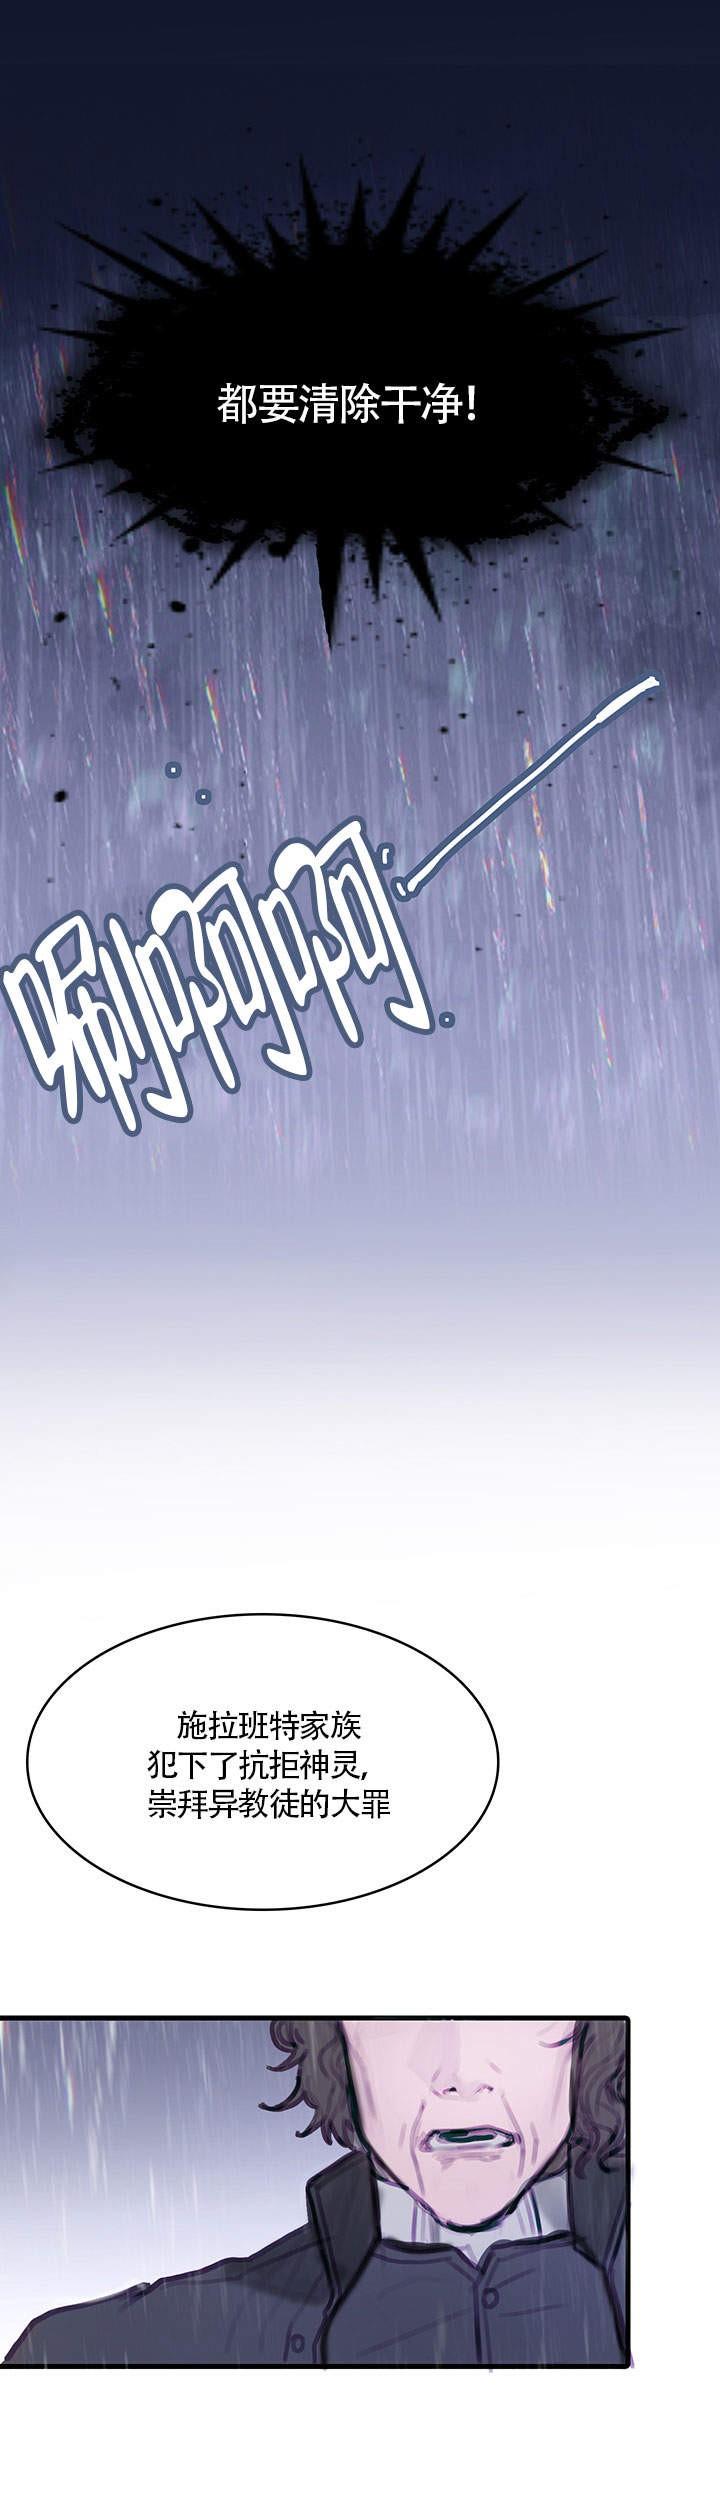 《恶魔之舞》漫画更新,第一话免费阅读&全本全集资源指路